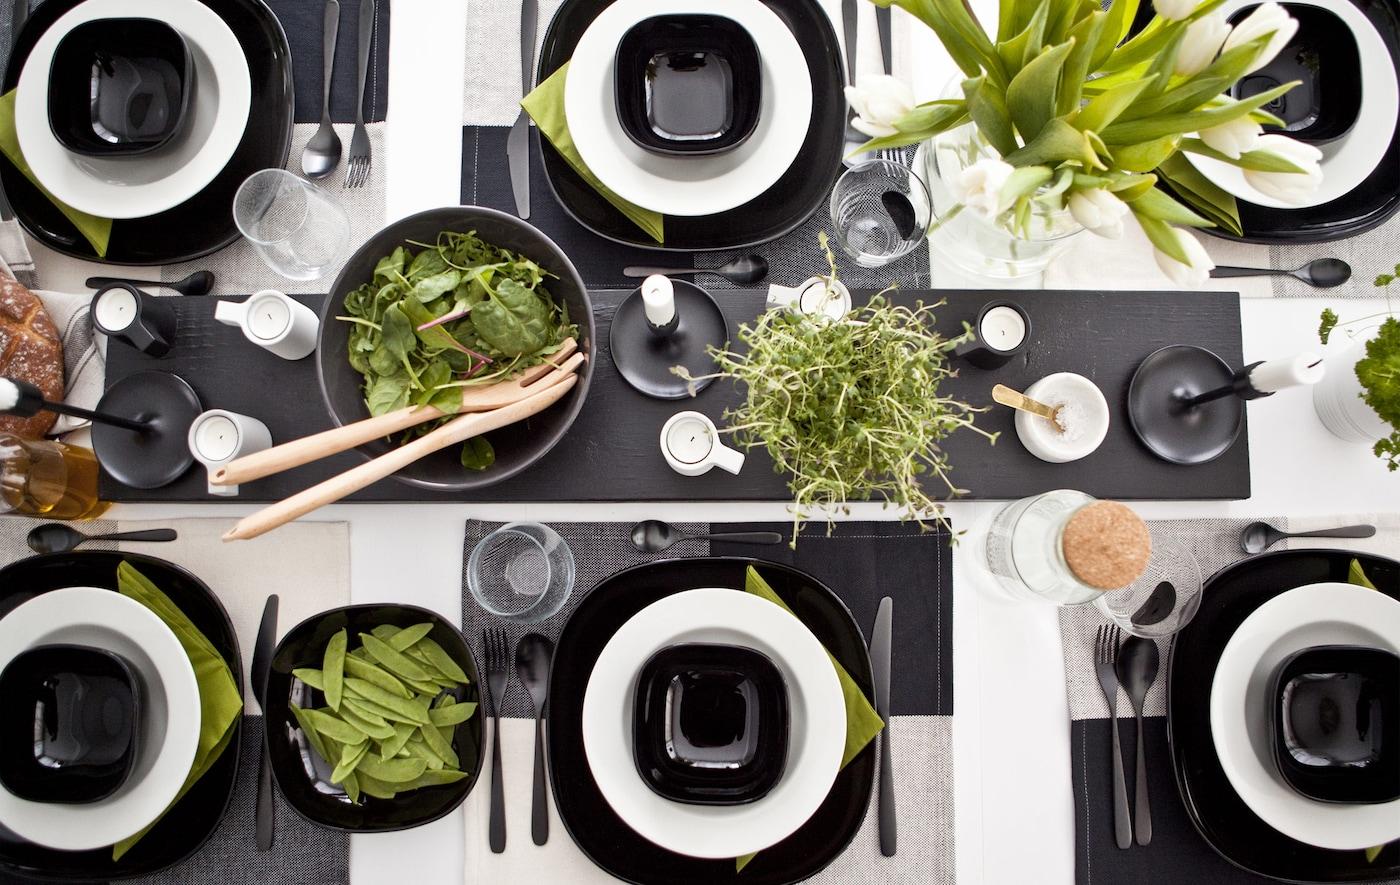 Ein schwarz-weiß gedeckter Tisch mit kräftig grünen Akzenten in Form von Pflanzen, Lebensmitteln und Servietten.